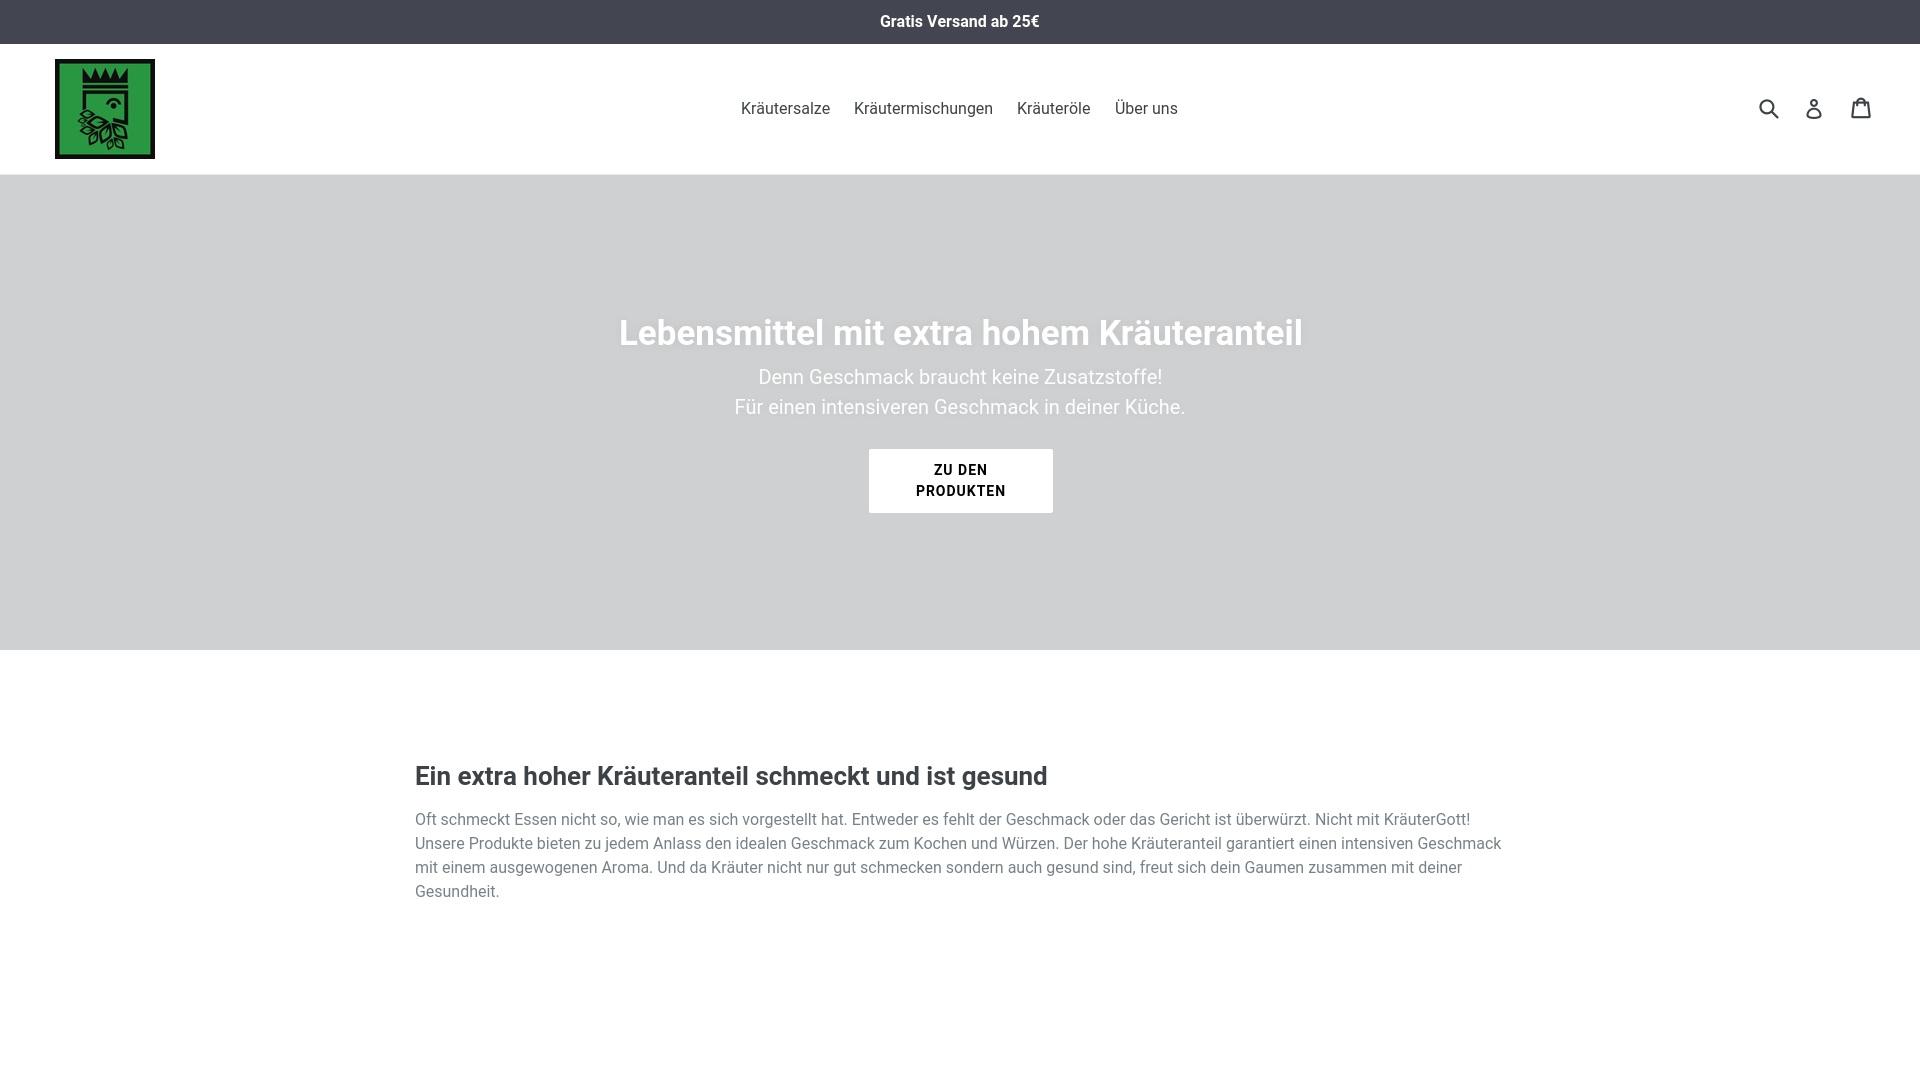 Geld zurück bei Kraeutergott: Jetzt im Oktober 2021 Cashback für Kraeutergott sichern